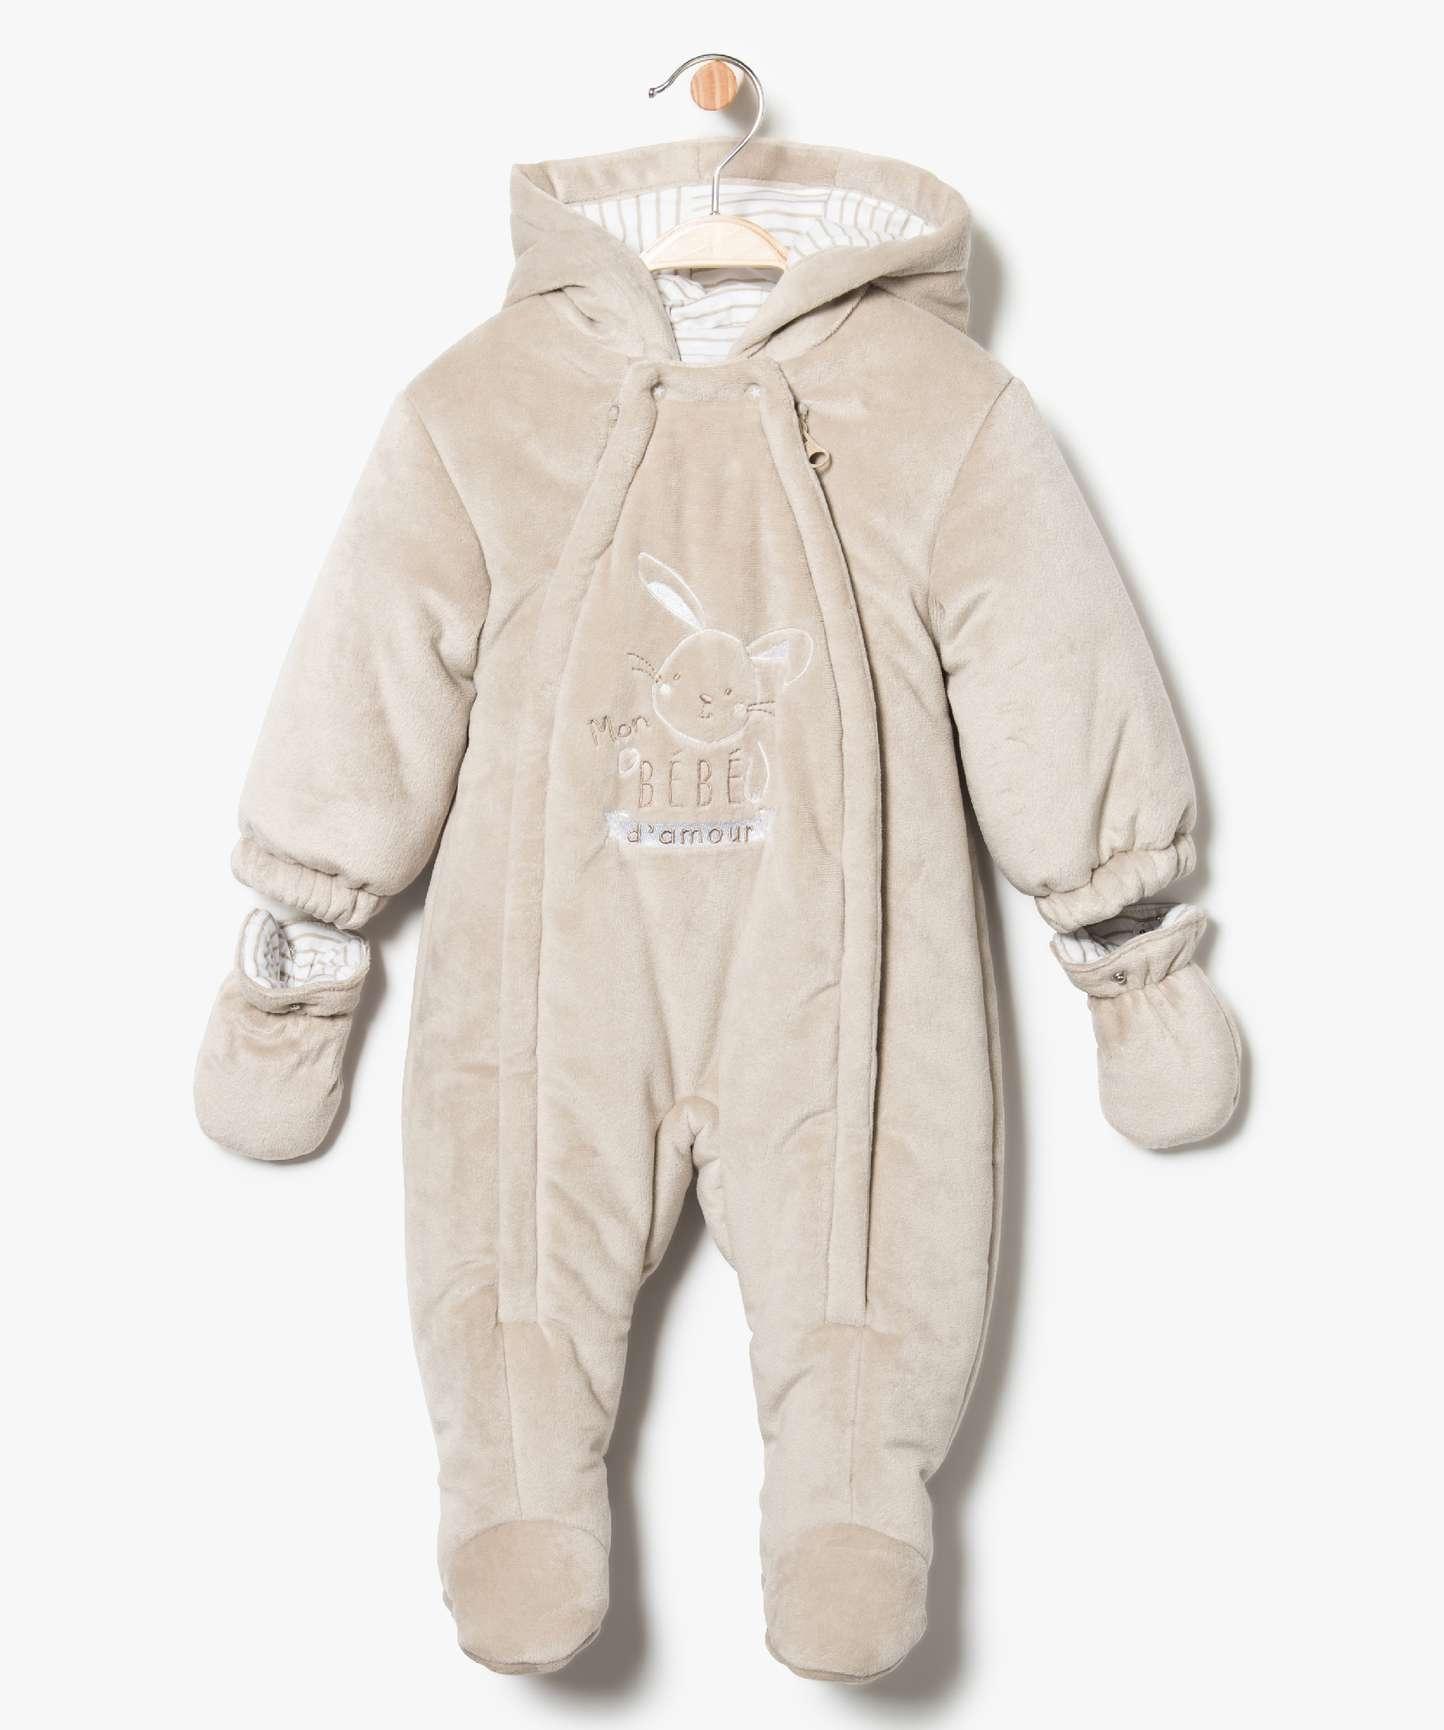 f71bbdaecaba1 Combinaison pilote bébé   un vêtement chaud indispensable